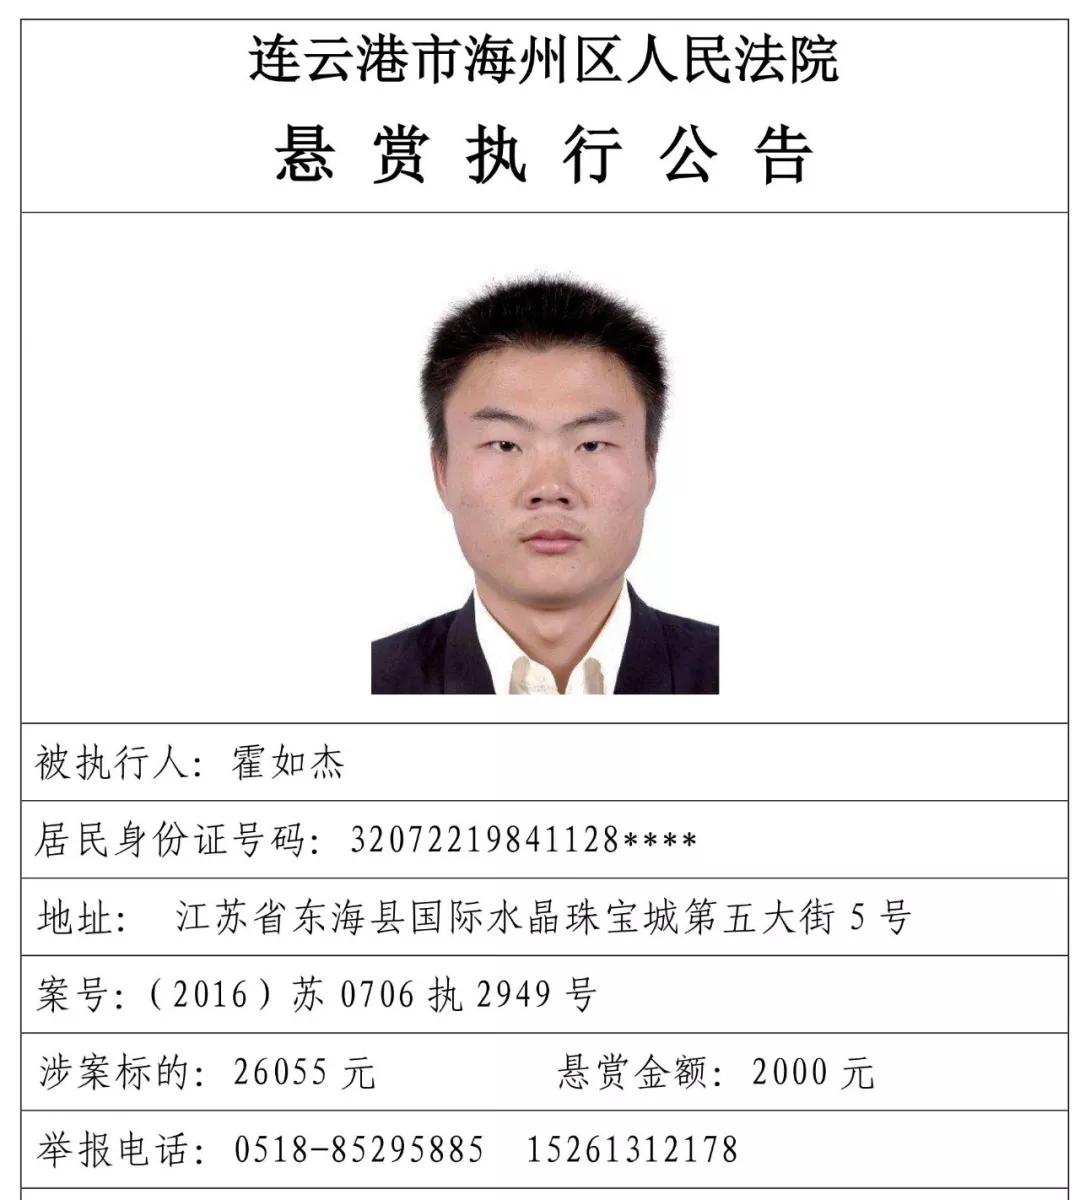 海州法院悬赏2000元找这个东海人!快看你认识他吗?